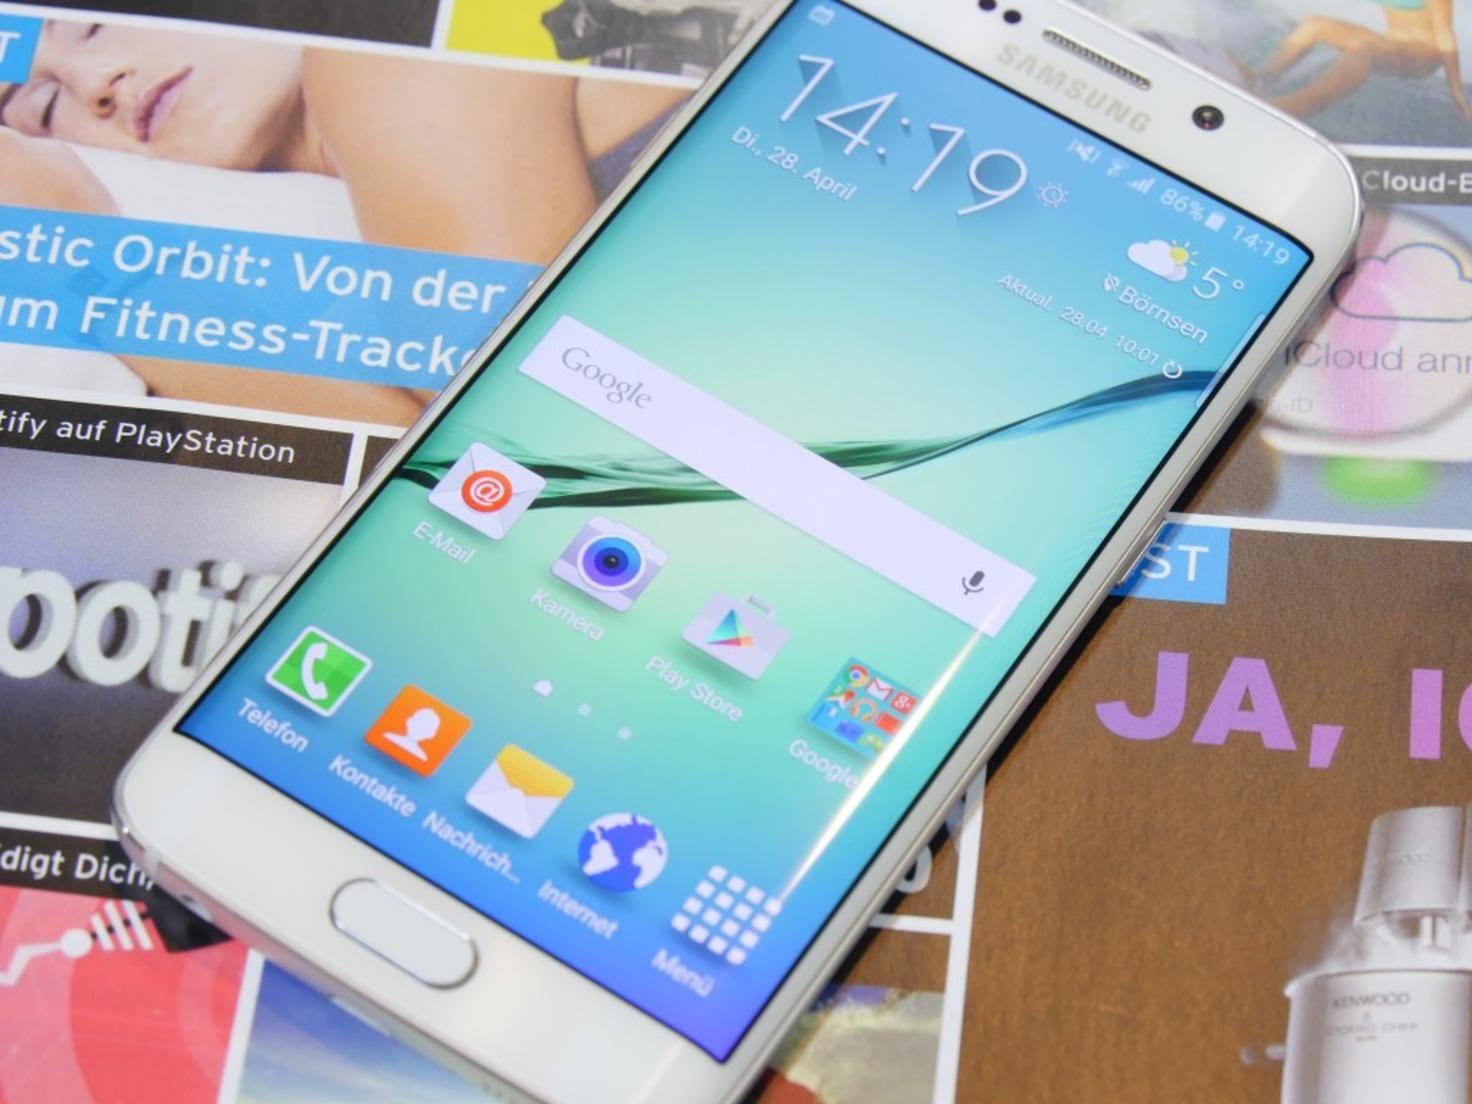 Die TouchWiz-Oberfläche hat Samsung zugunsten der Performance entschlackt.